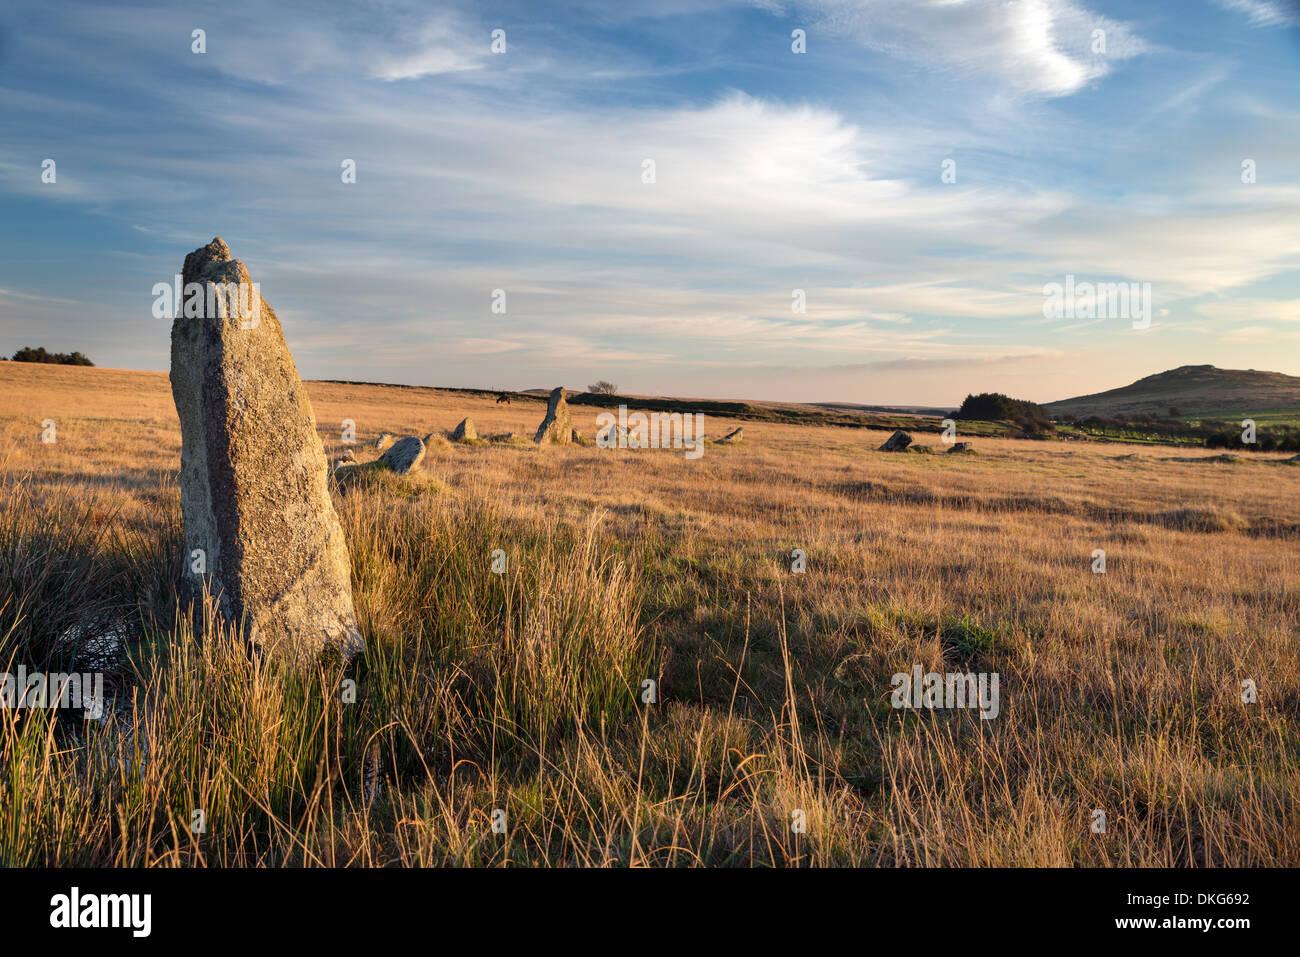 Fernacre cerchio di pietra a Bodmin Moor in Cornovaglia Immagini Stock